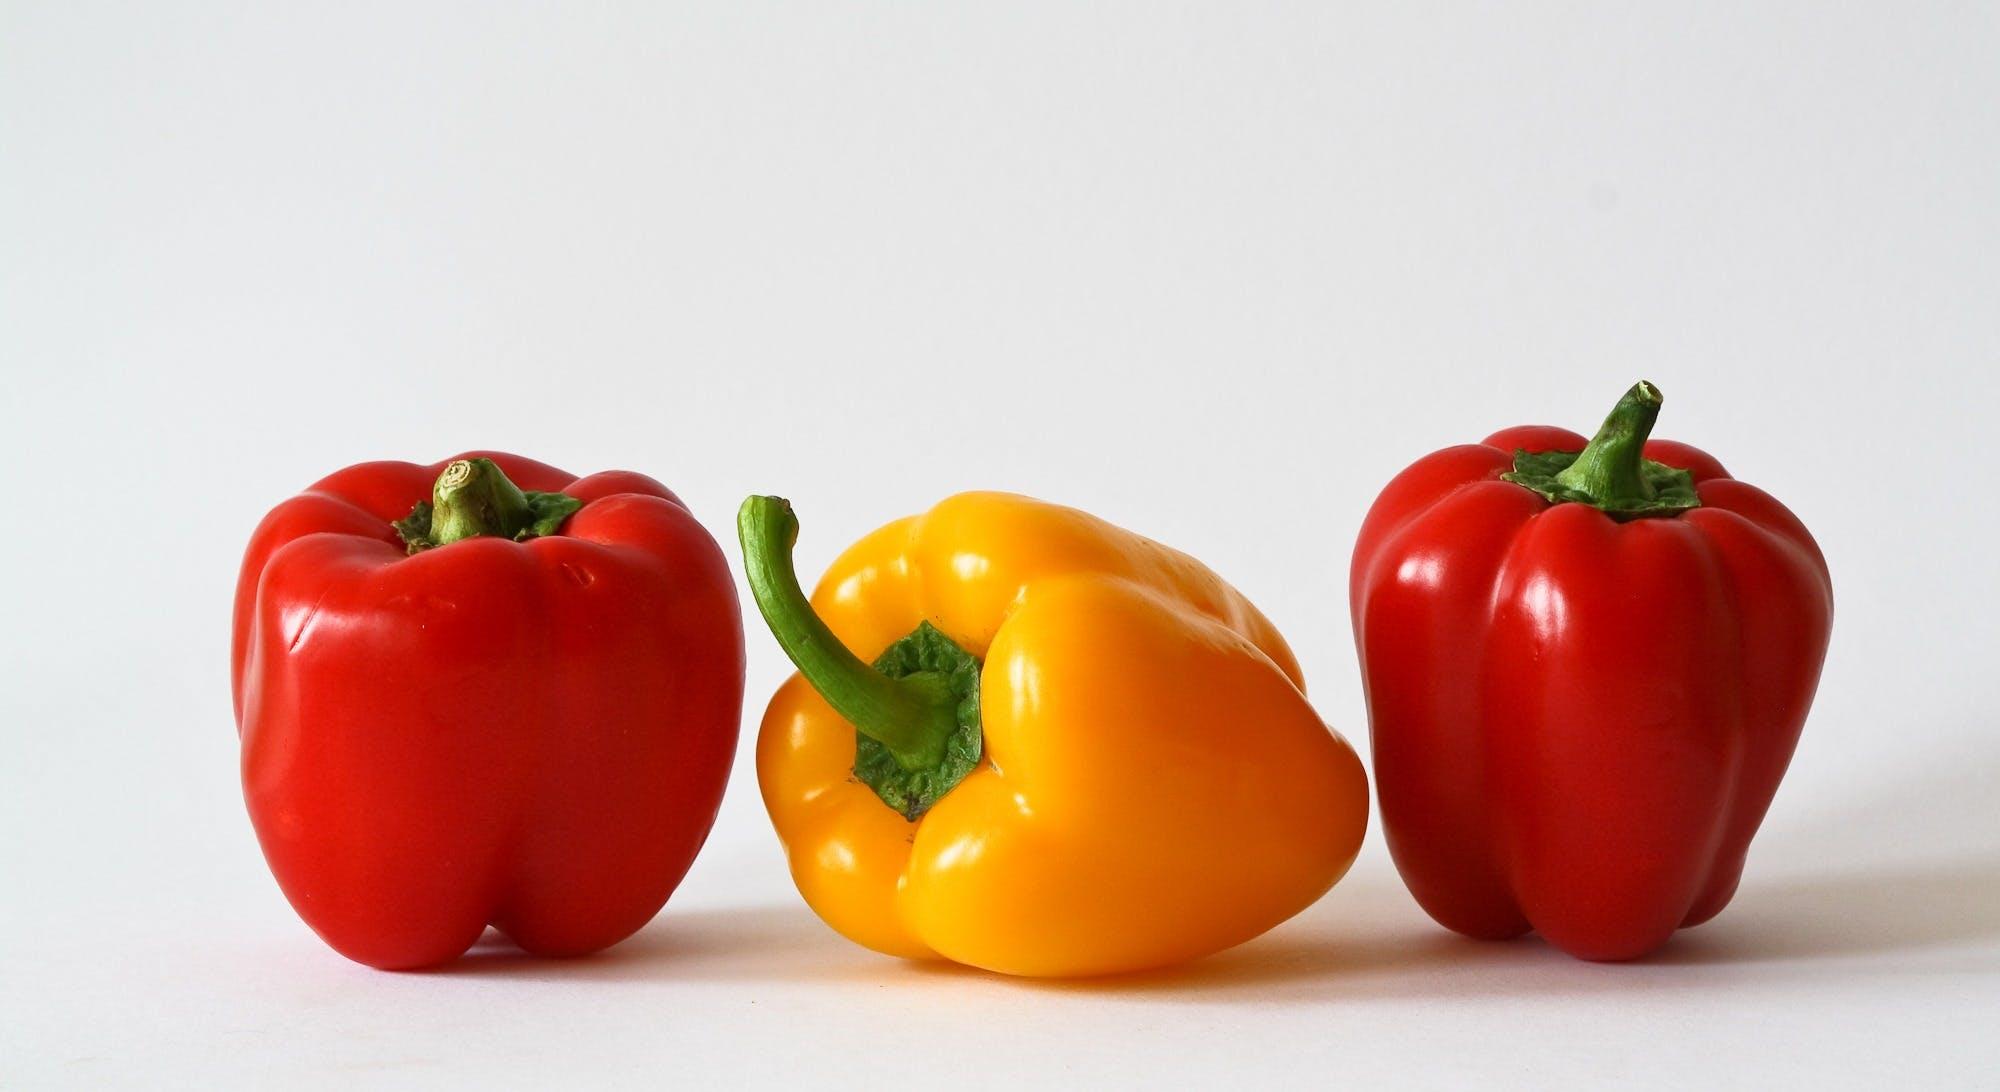 Yellow Bell Pepper Between 2 Red Bell Pepper